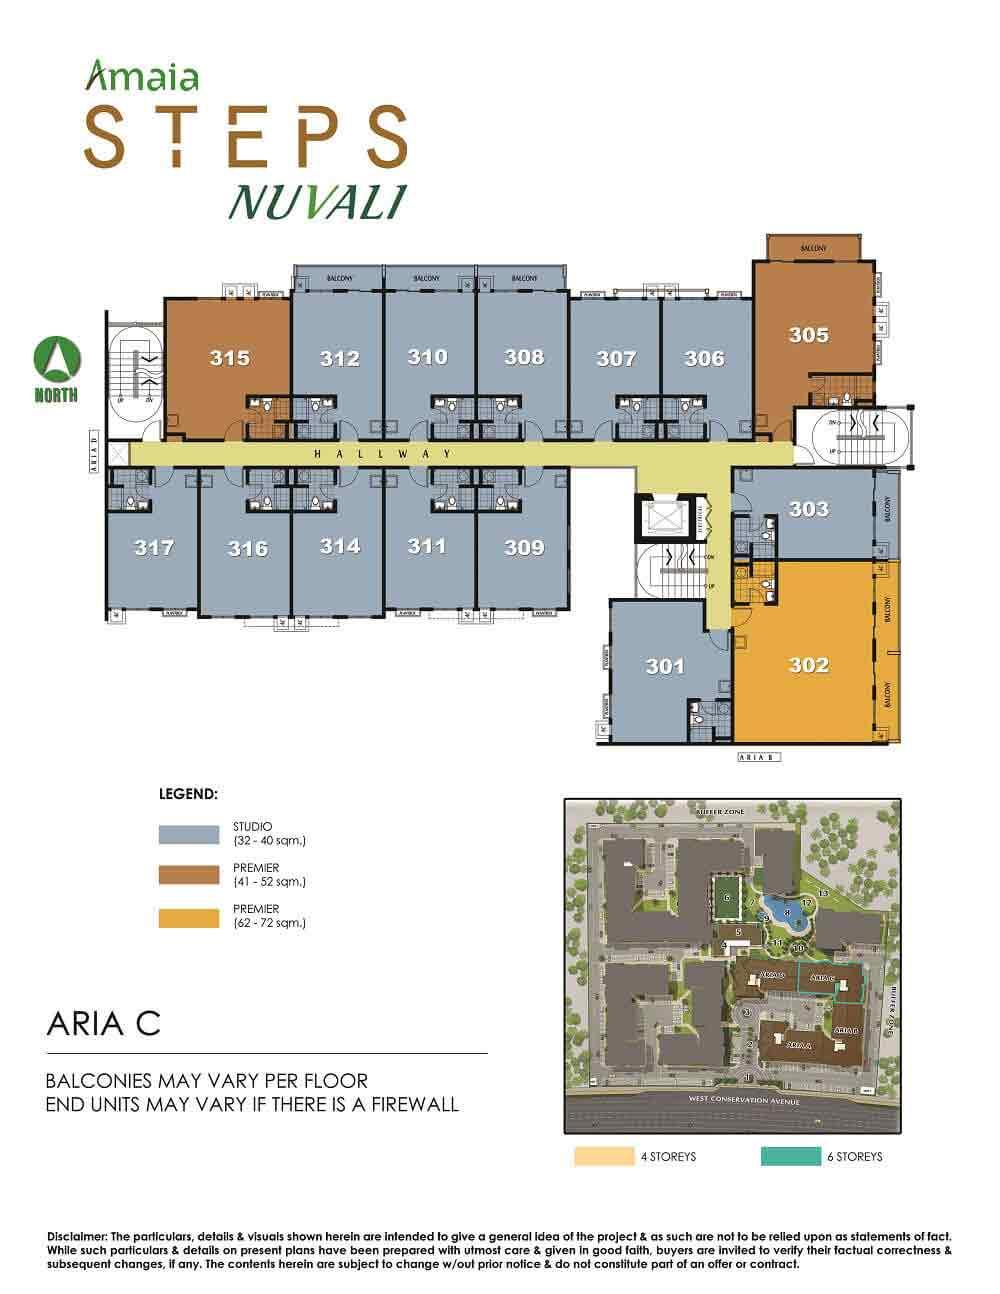 Amaia Steps Nuvali - Floor Plan